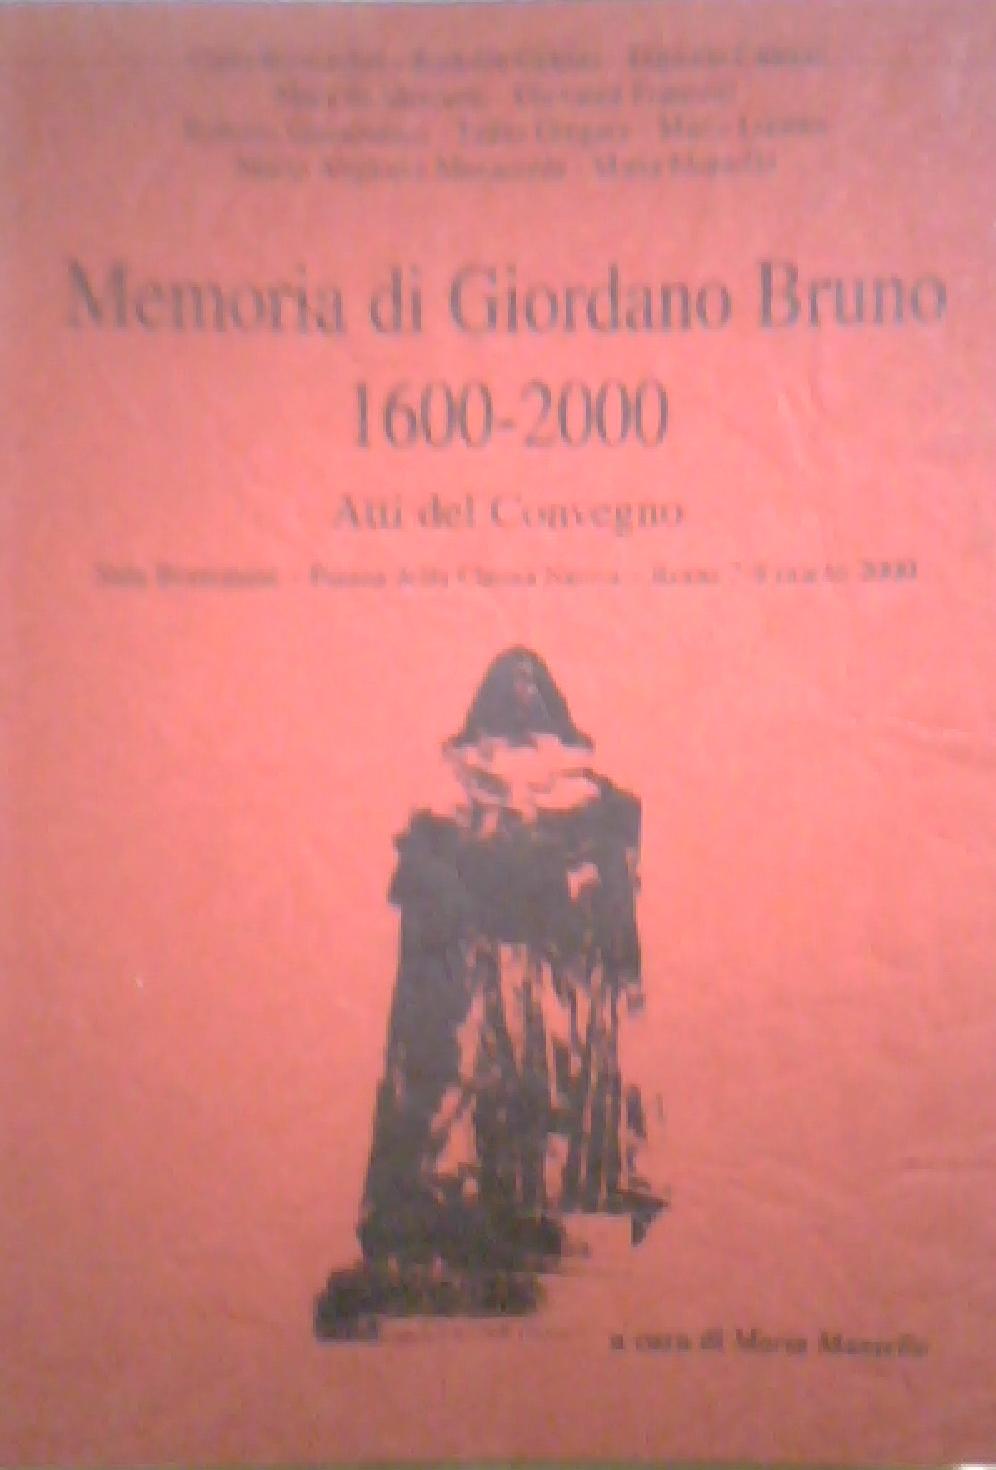 Memoria di Giordano ...